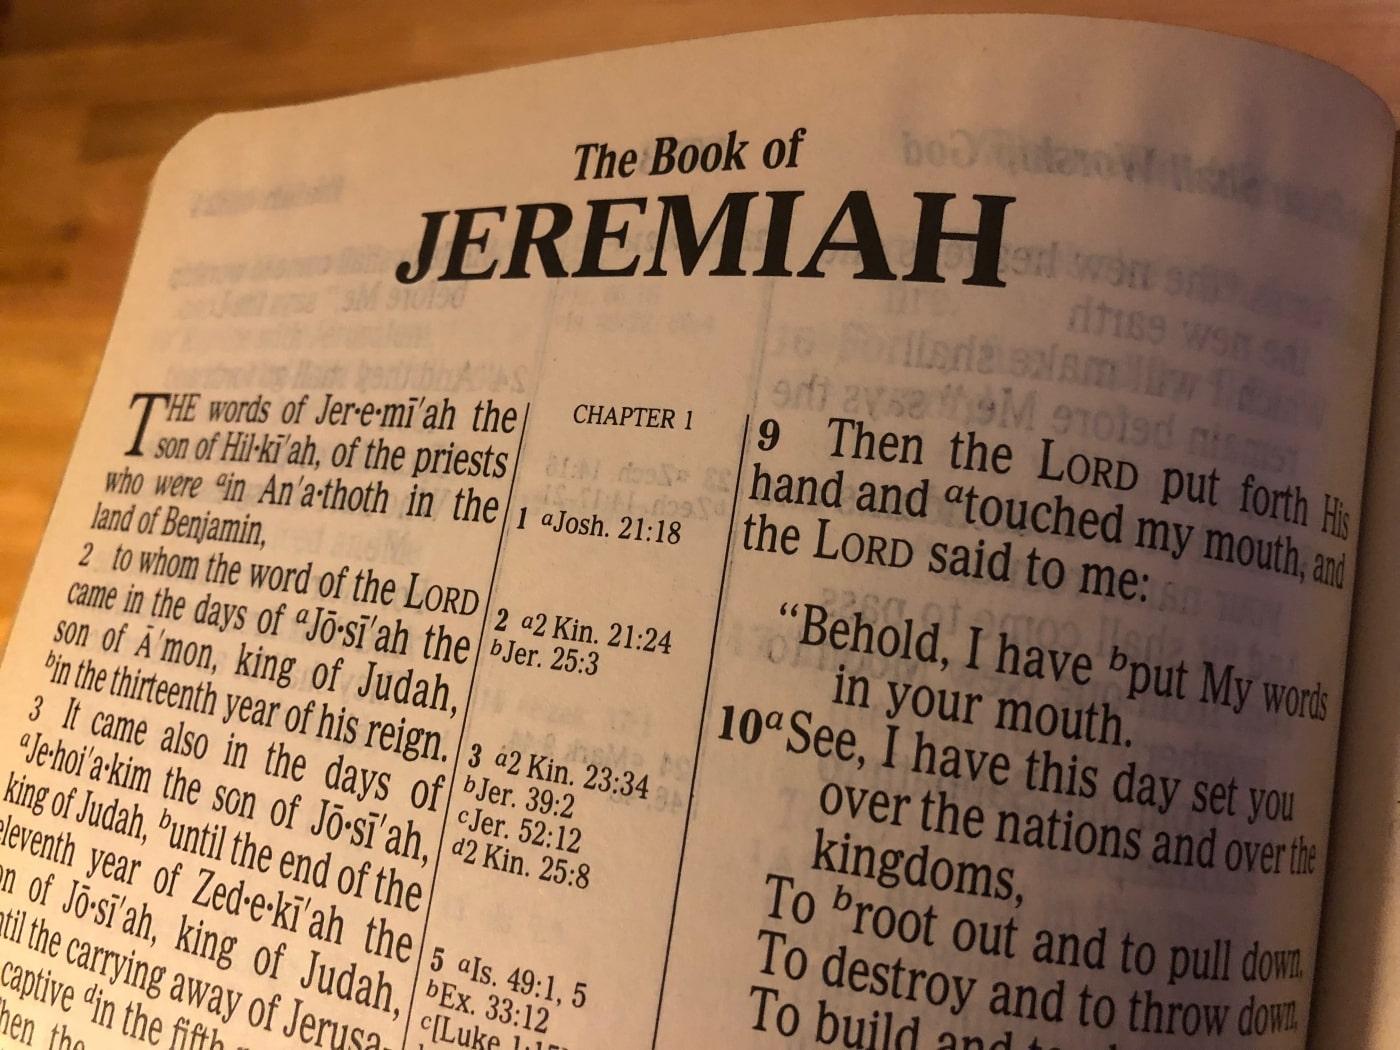 Jeremiah 6